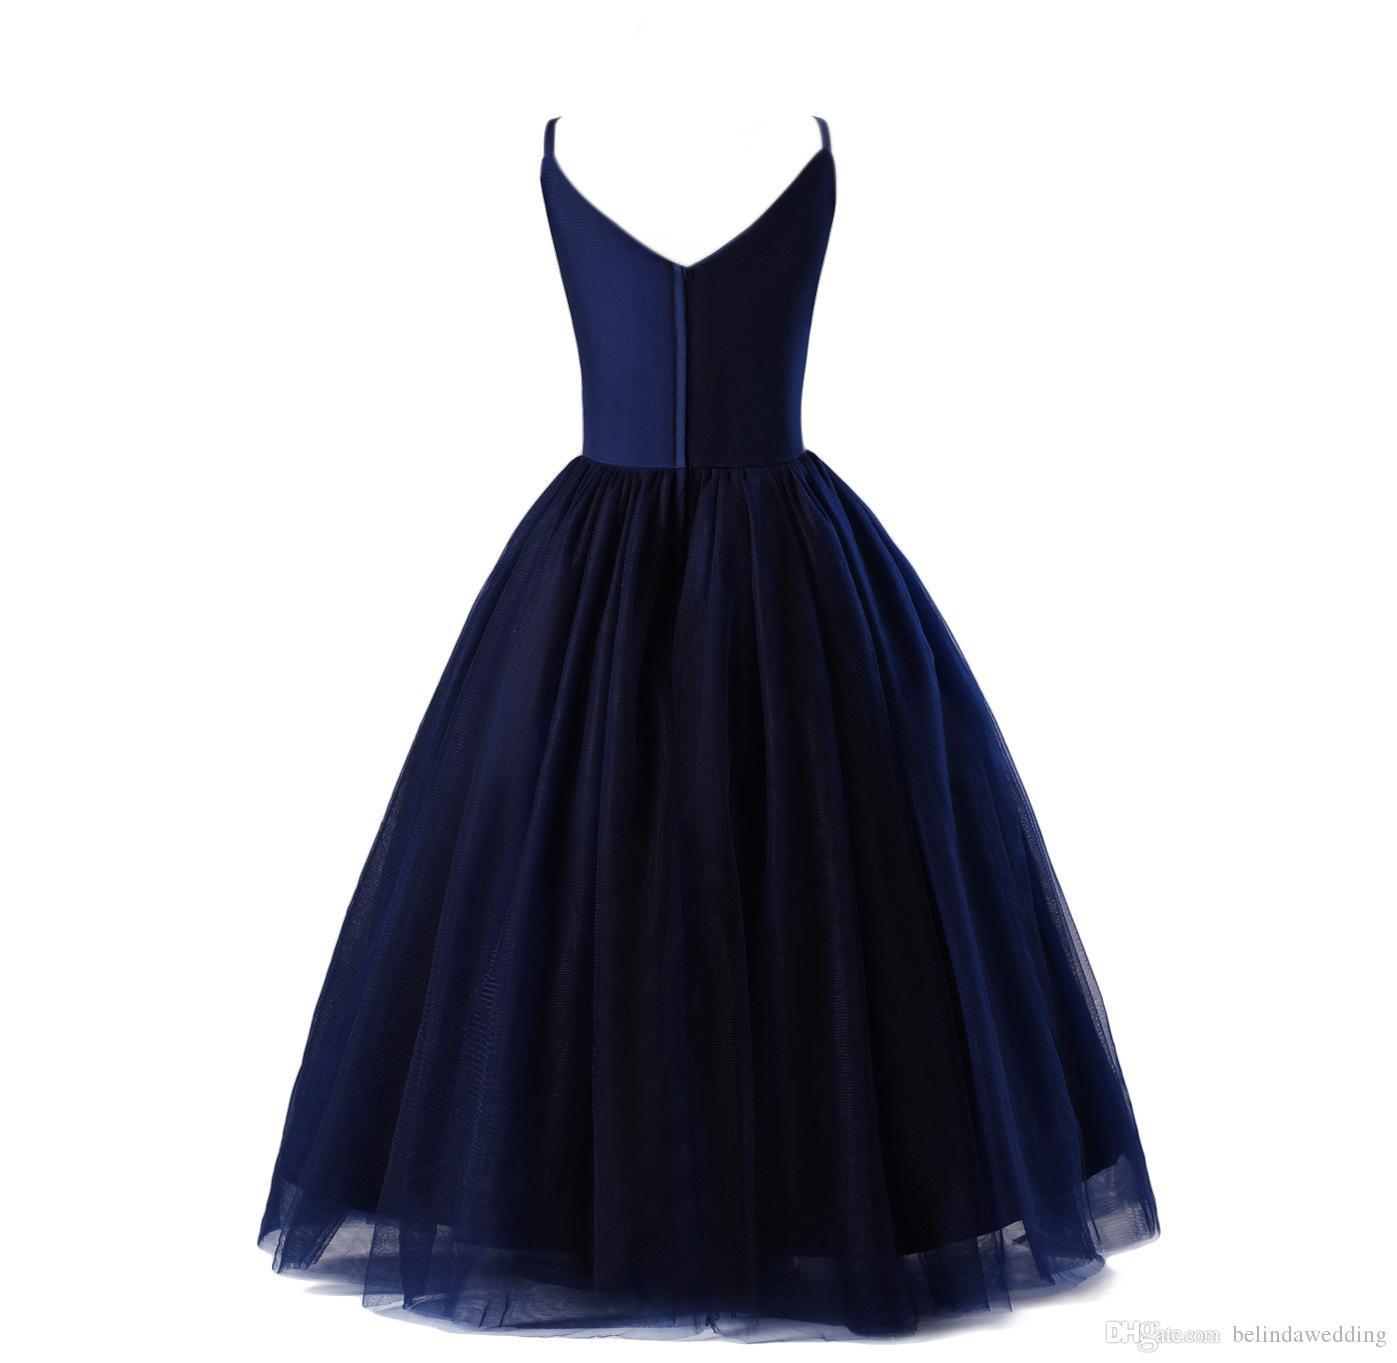 Großhandel Schöne Mädchen Kleid Für Hochzeit Marineblau Blume Kleider V  Ausschnitt Bodenlangen Schöne Prinzessin Mädchen Festzug Kleid Party  Kleider